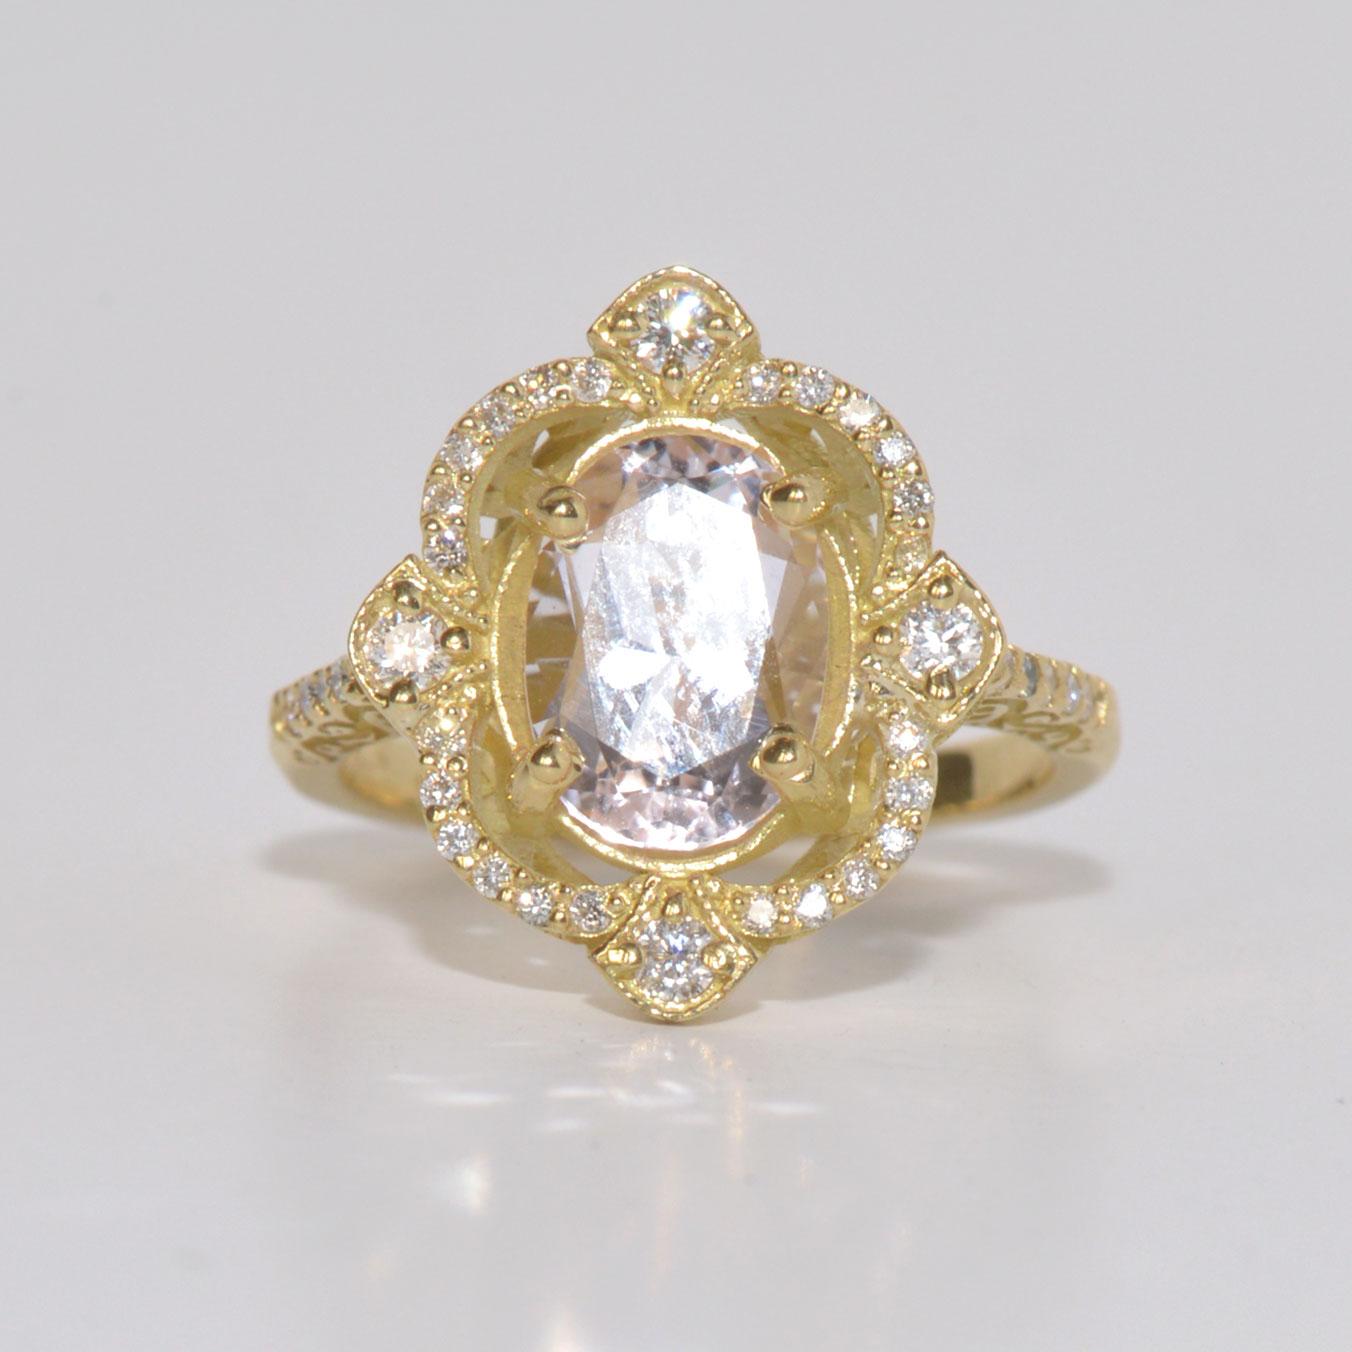 הטבעת של ליסה